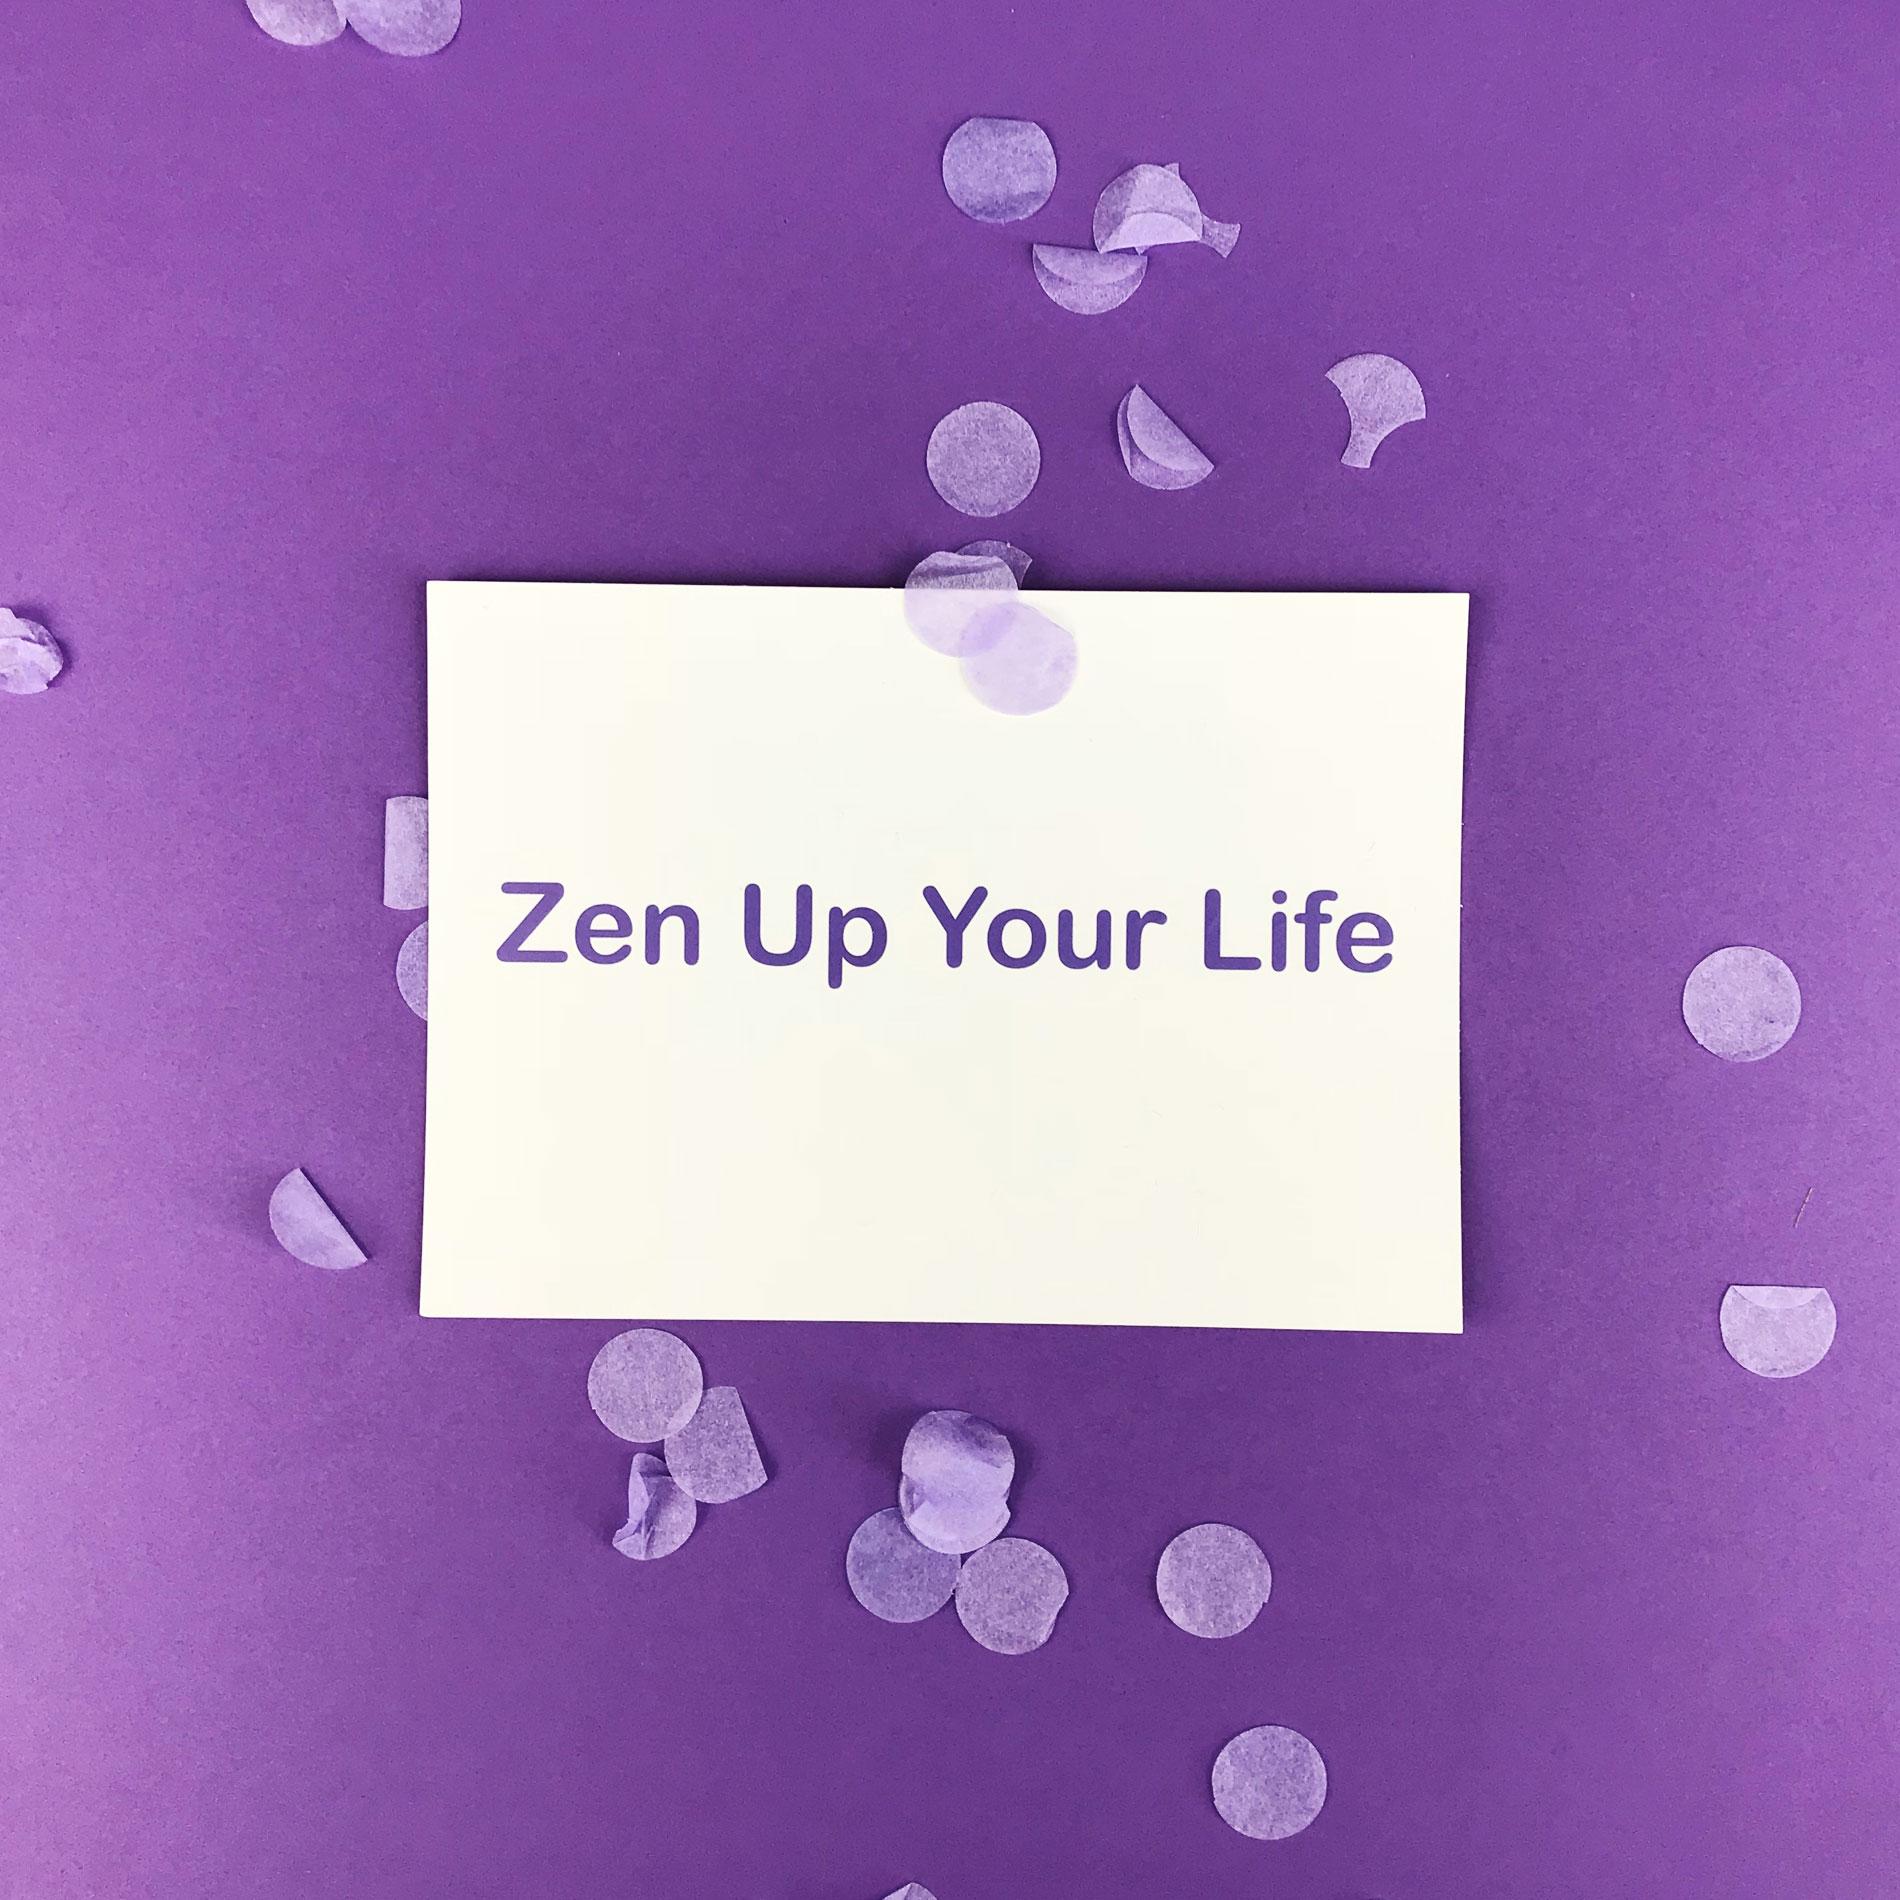 Zenflore im Test, Erfahrungsbericht mit Zenflore, Zenflore, Testbericht von Zenflore, Darm-Hirn-Achse, weniger Stress, Mehr Zen im Alltag, Nahrungsergänzungsmittel Zenflore, natürliches Probiotikum